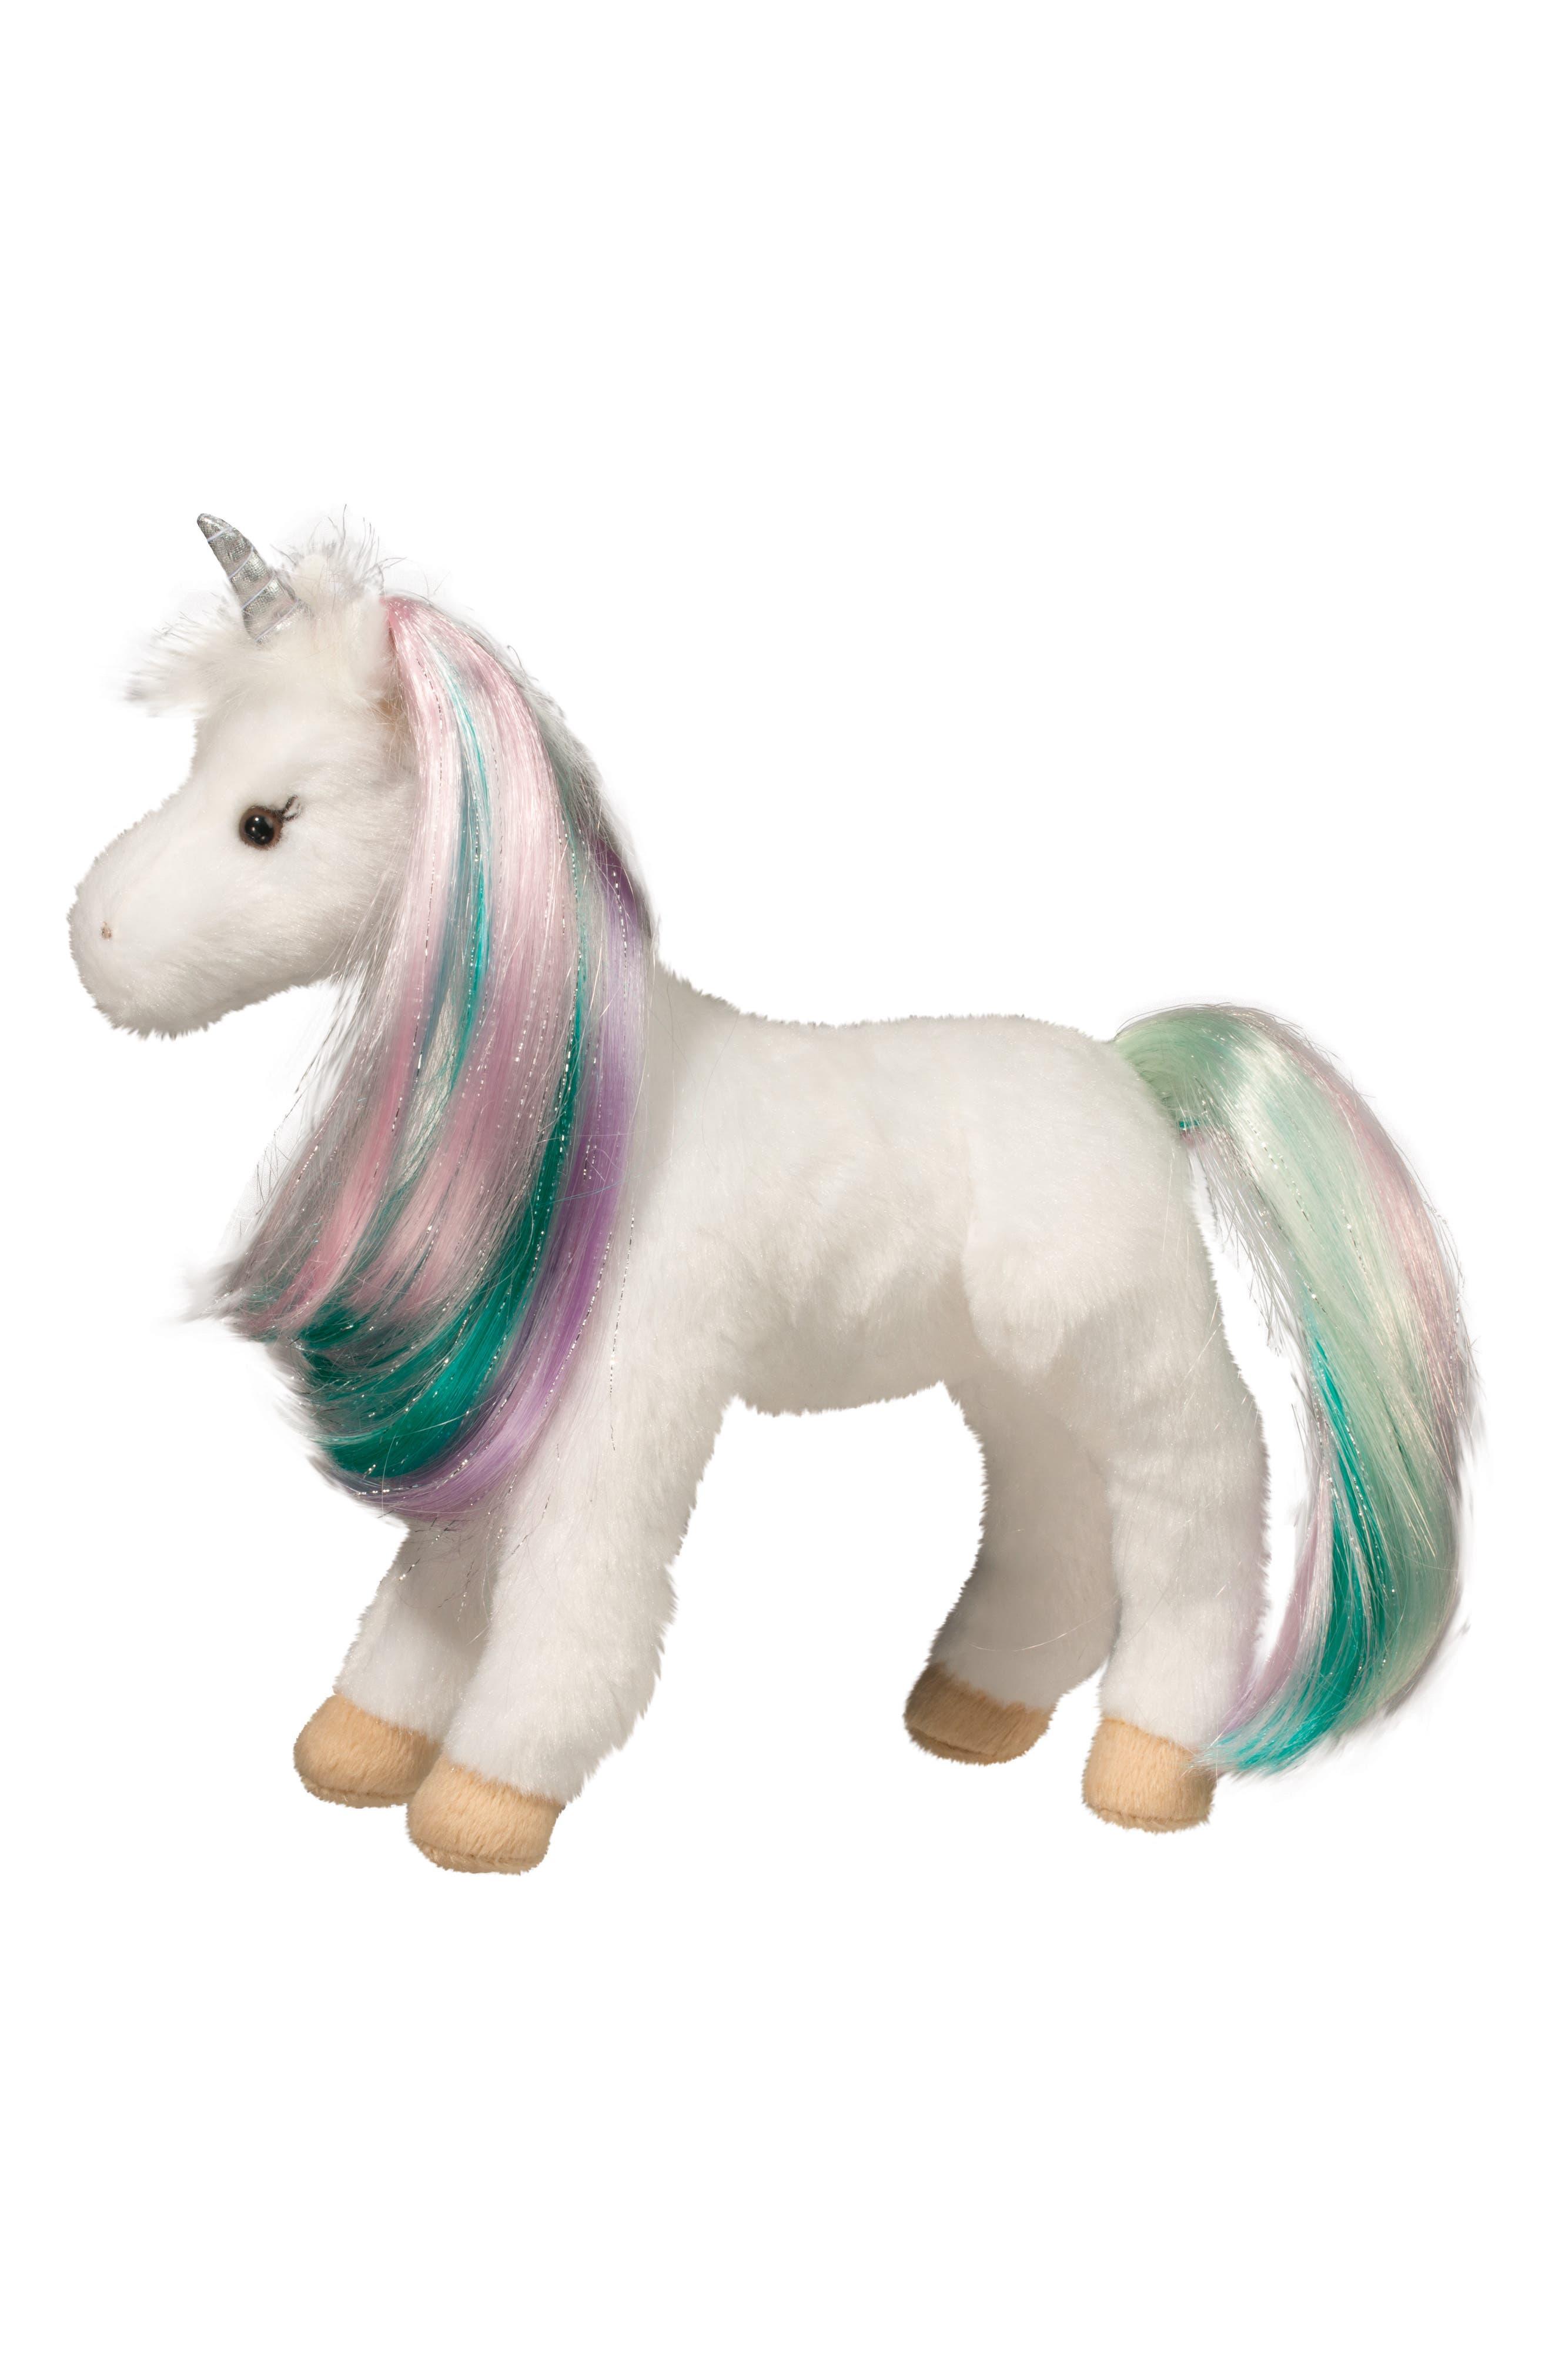 Main Image - Douglas Jules Princess Unicorn Stuffed Animal